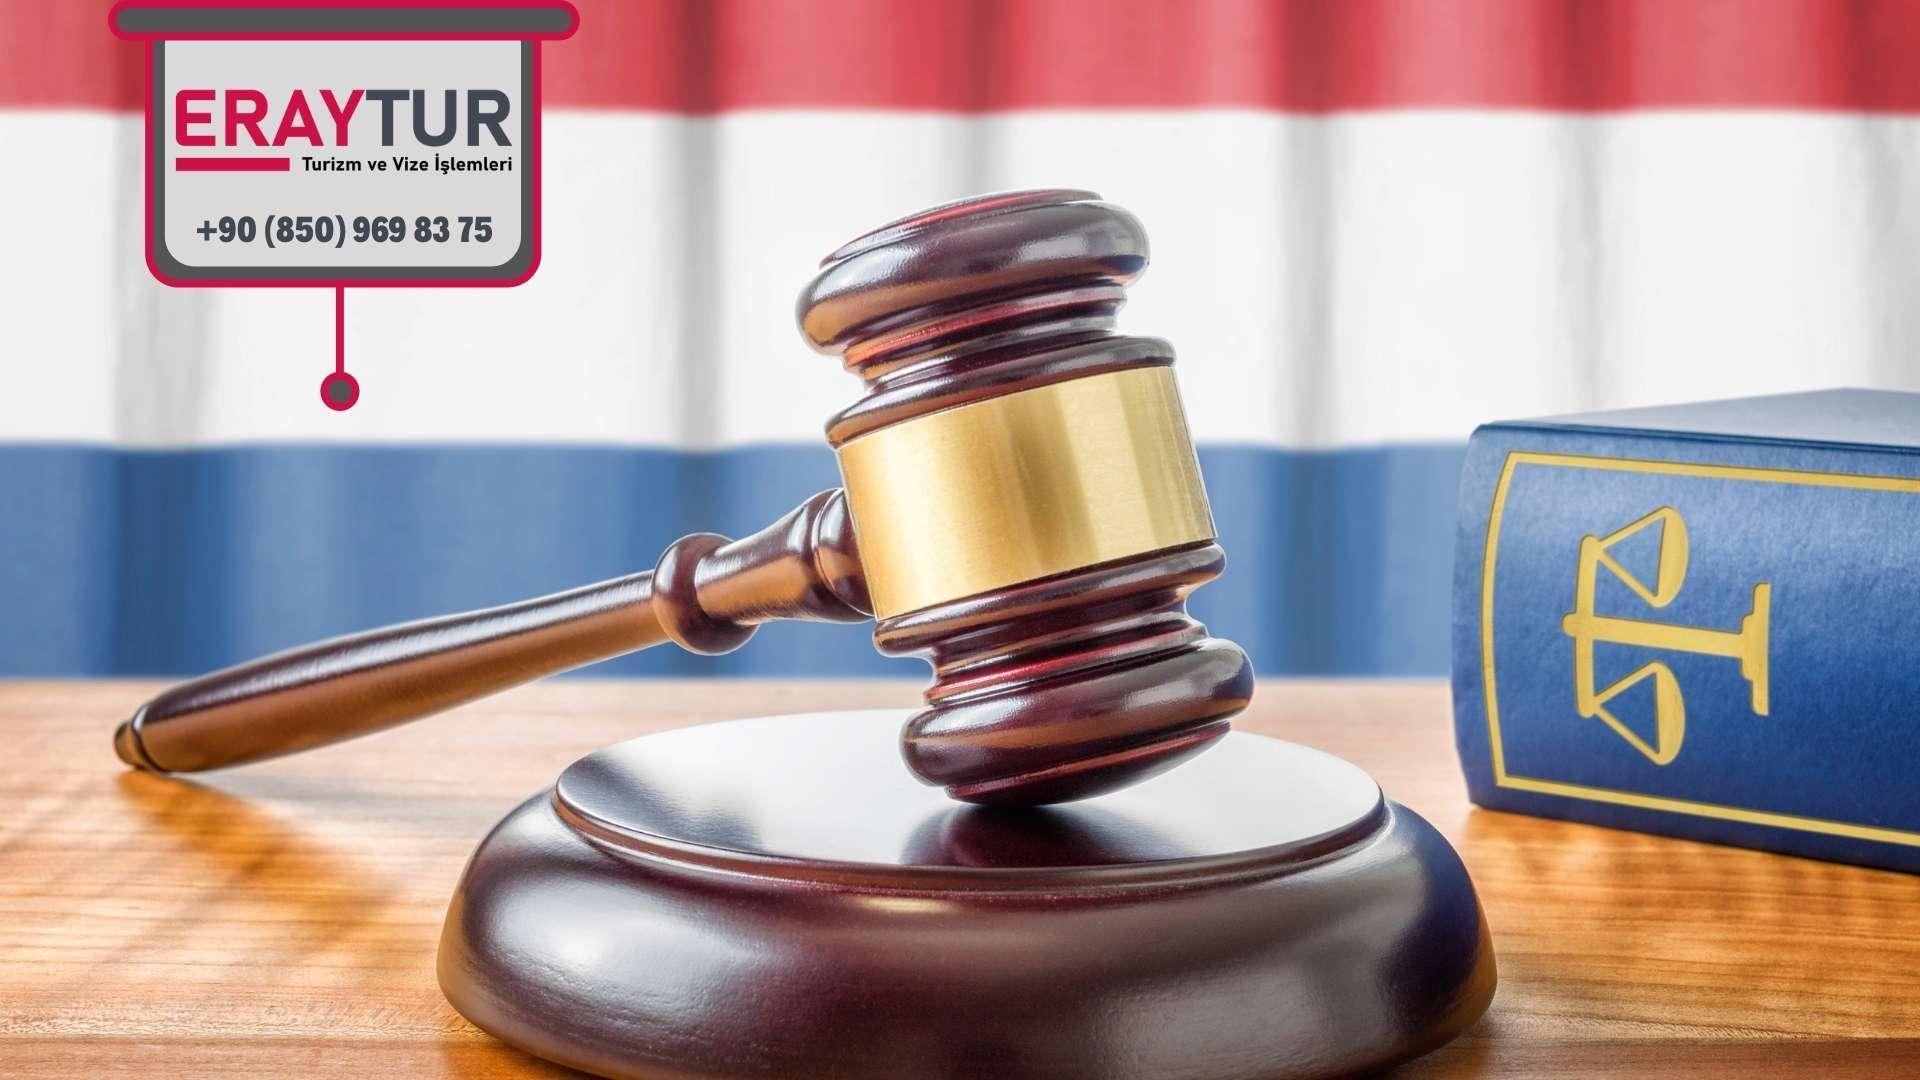 Hollanda Turistik Vize Eczacı/Avukat Evrakları